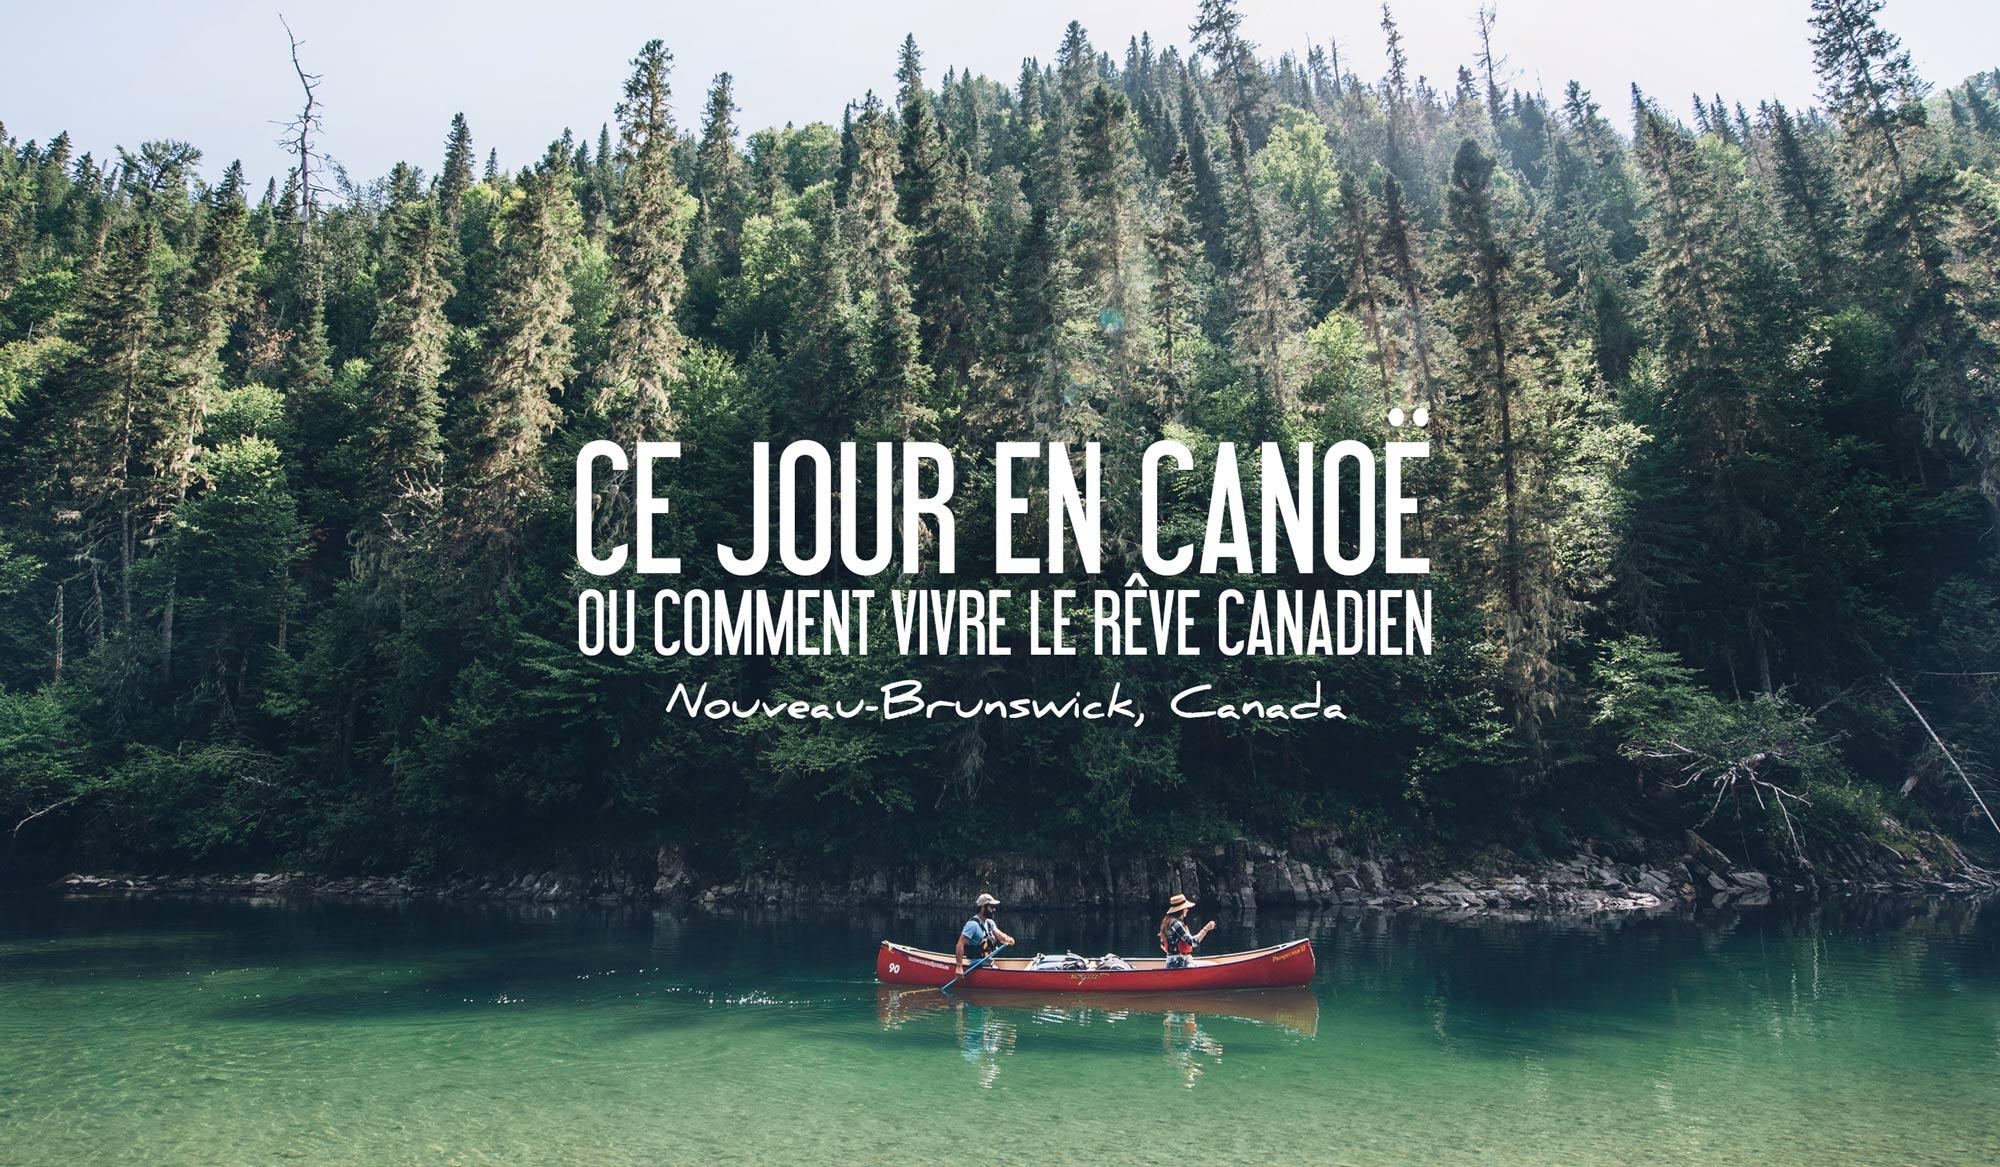 Canotage au Nouveau Brunswick, Canada